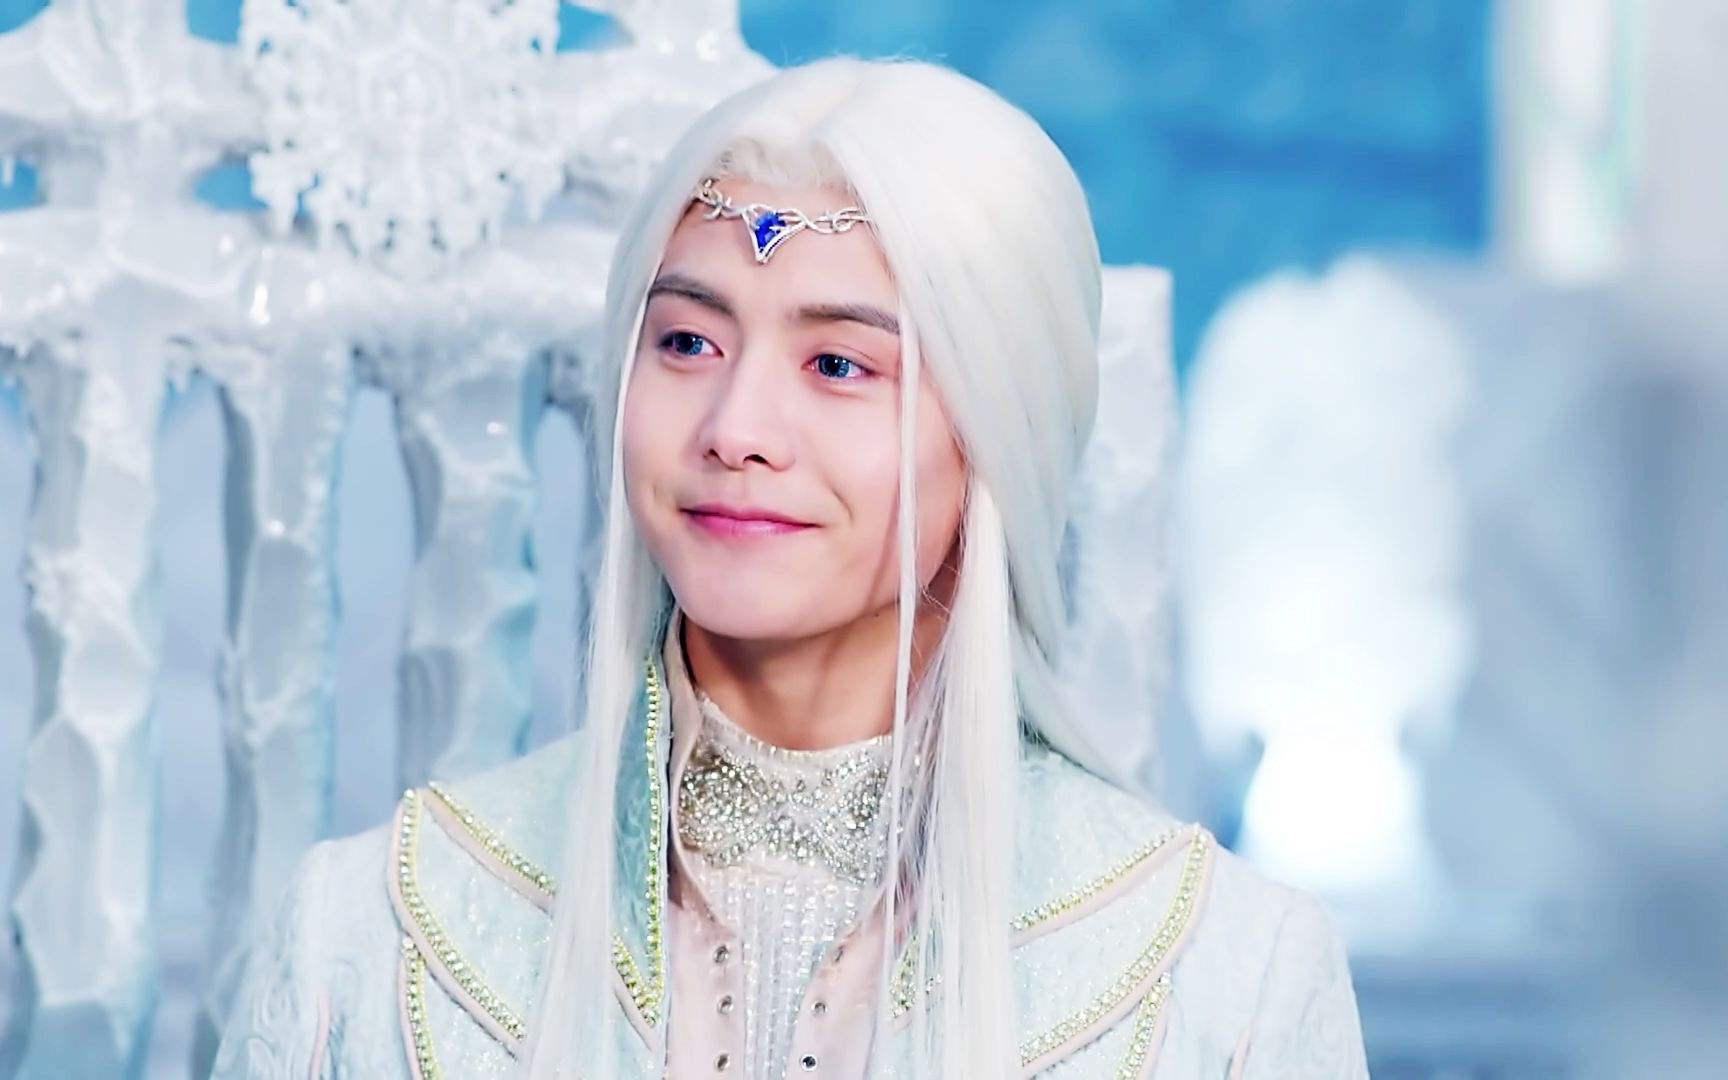 5个古装白发造型的男明星,邓超,马天宇上榜,最帅气的